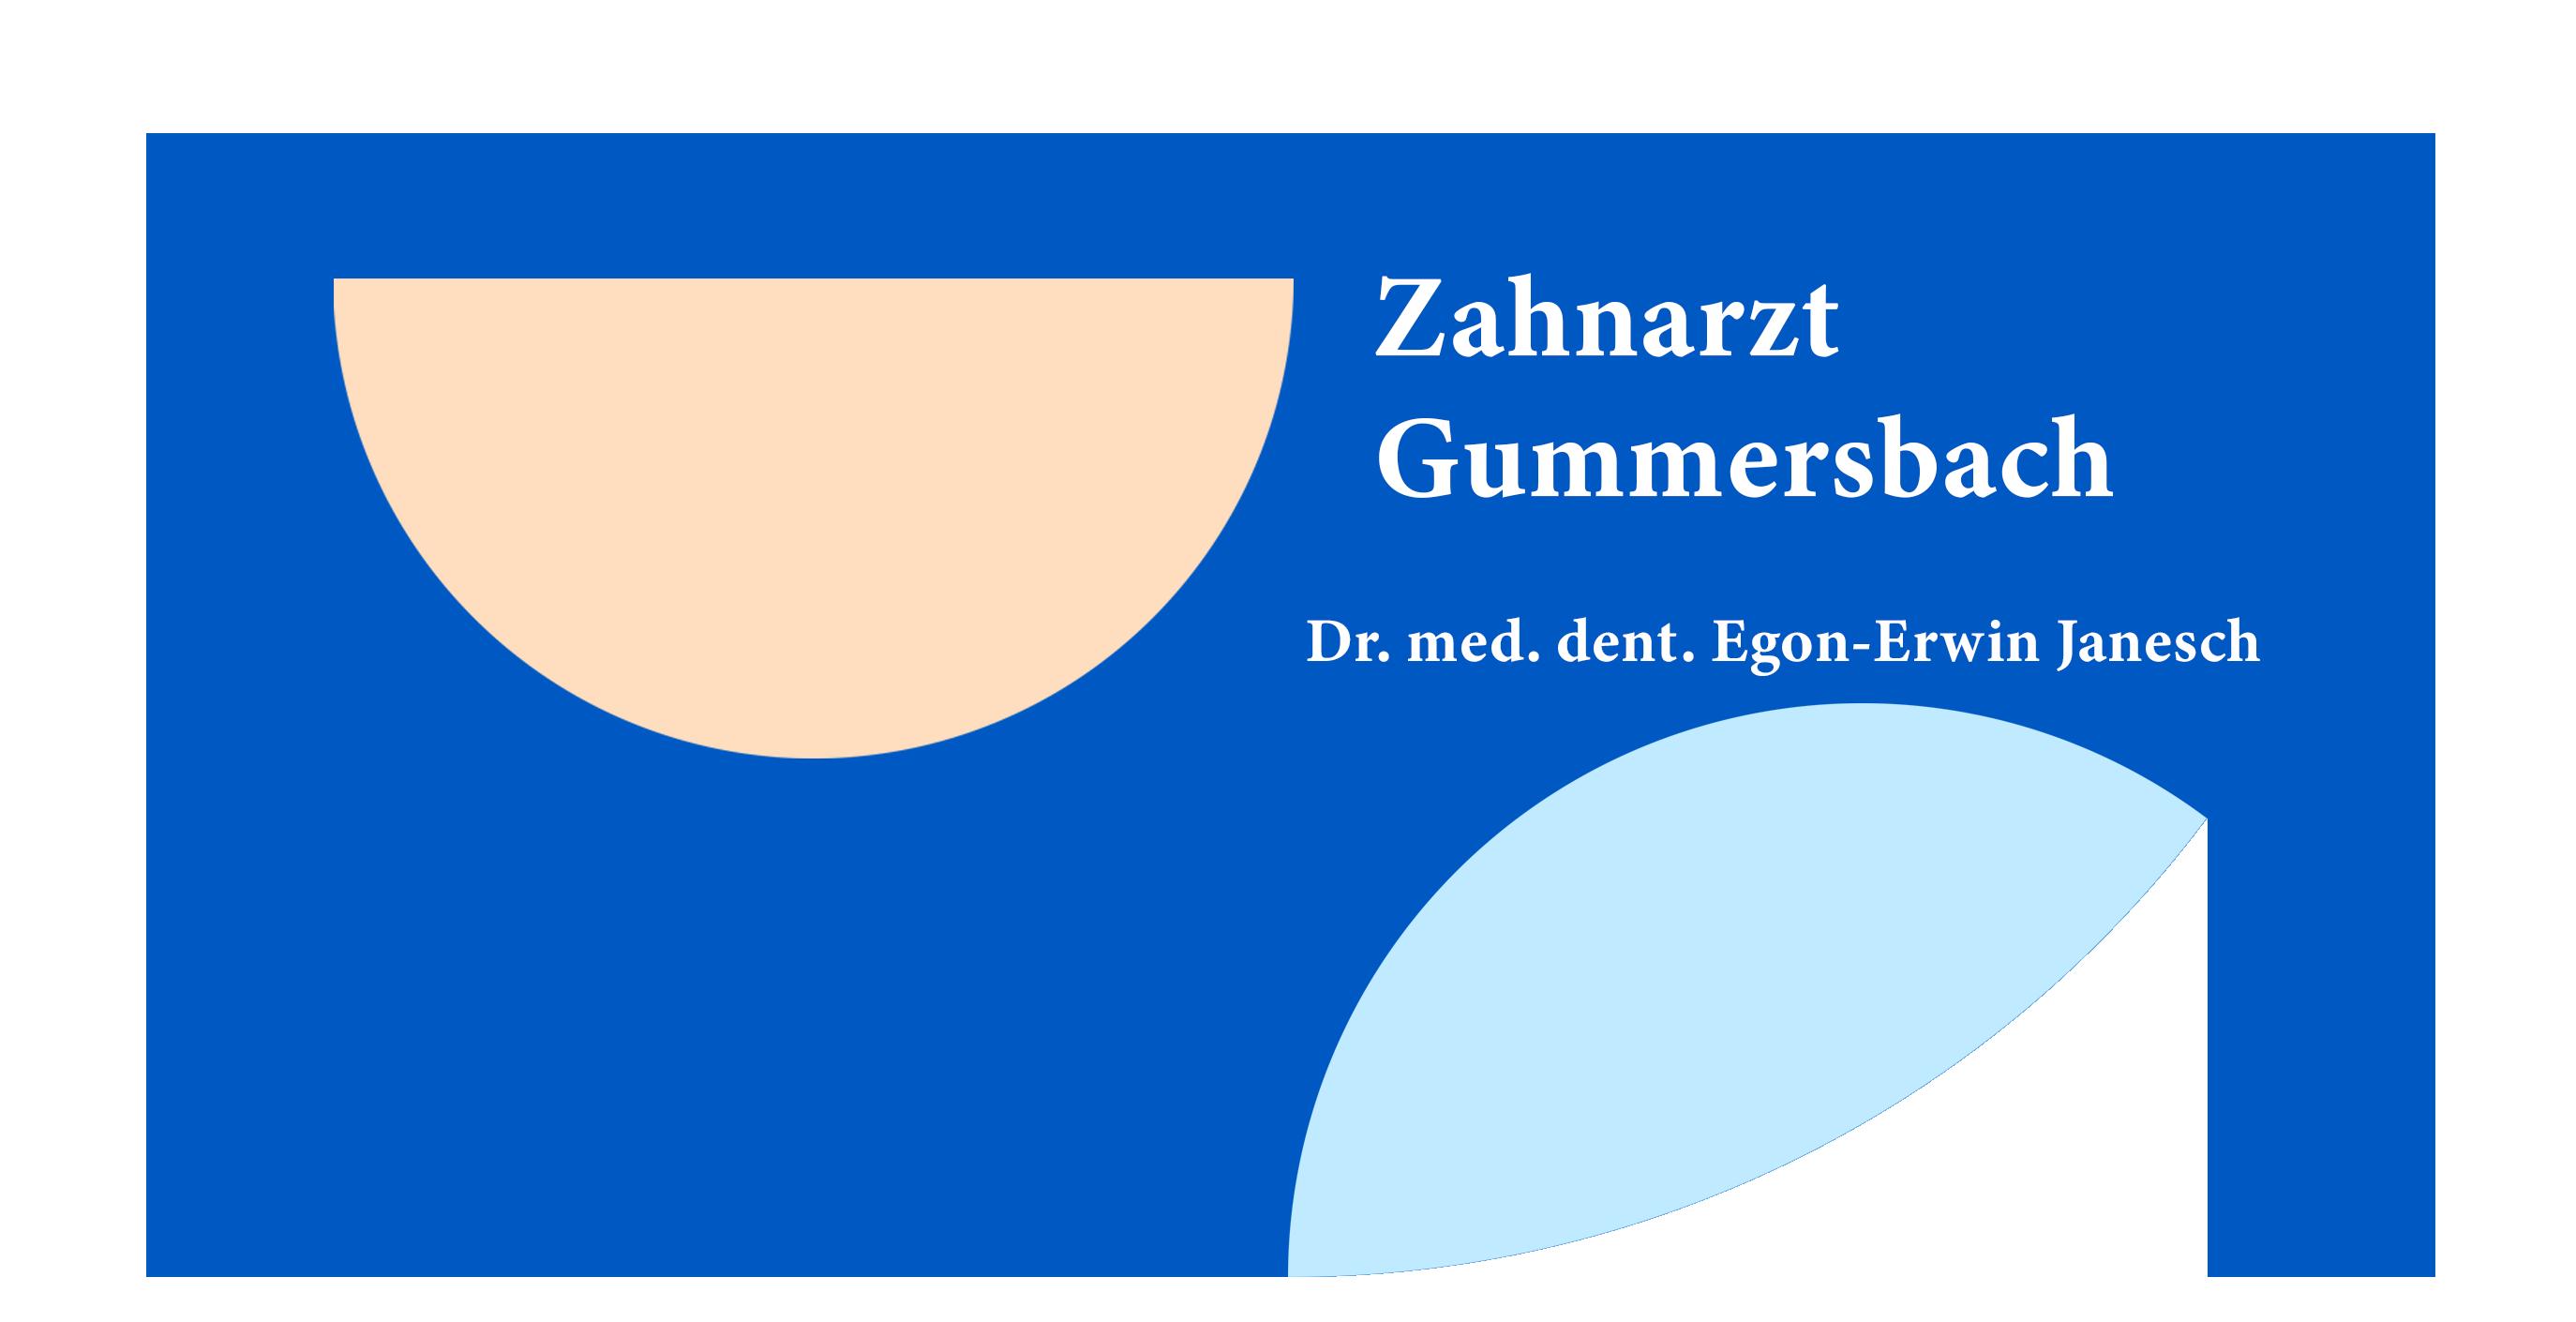 Zahnarzt Gummersbach